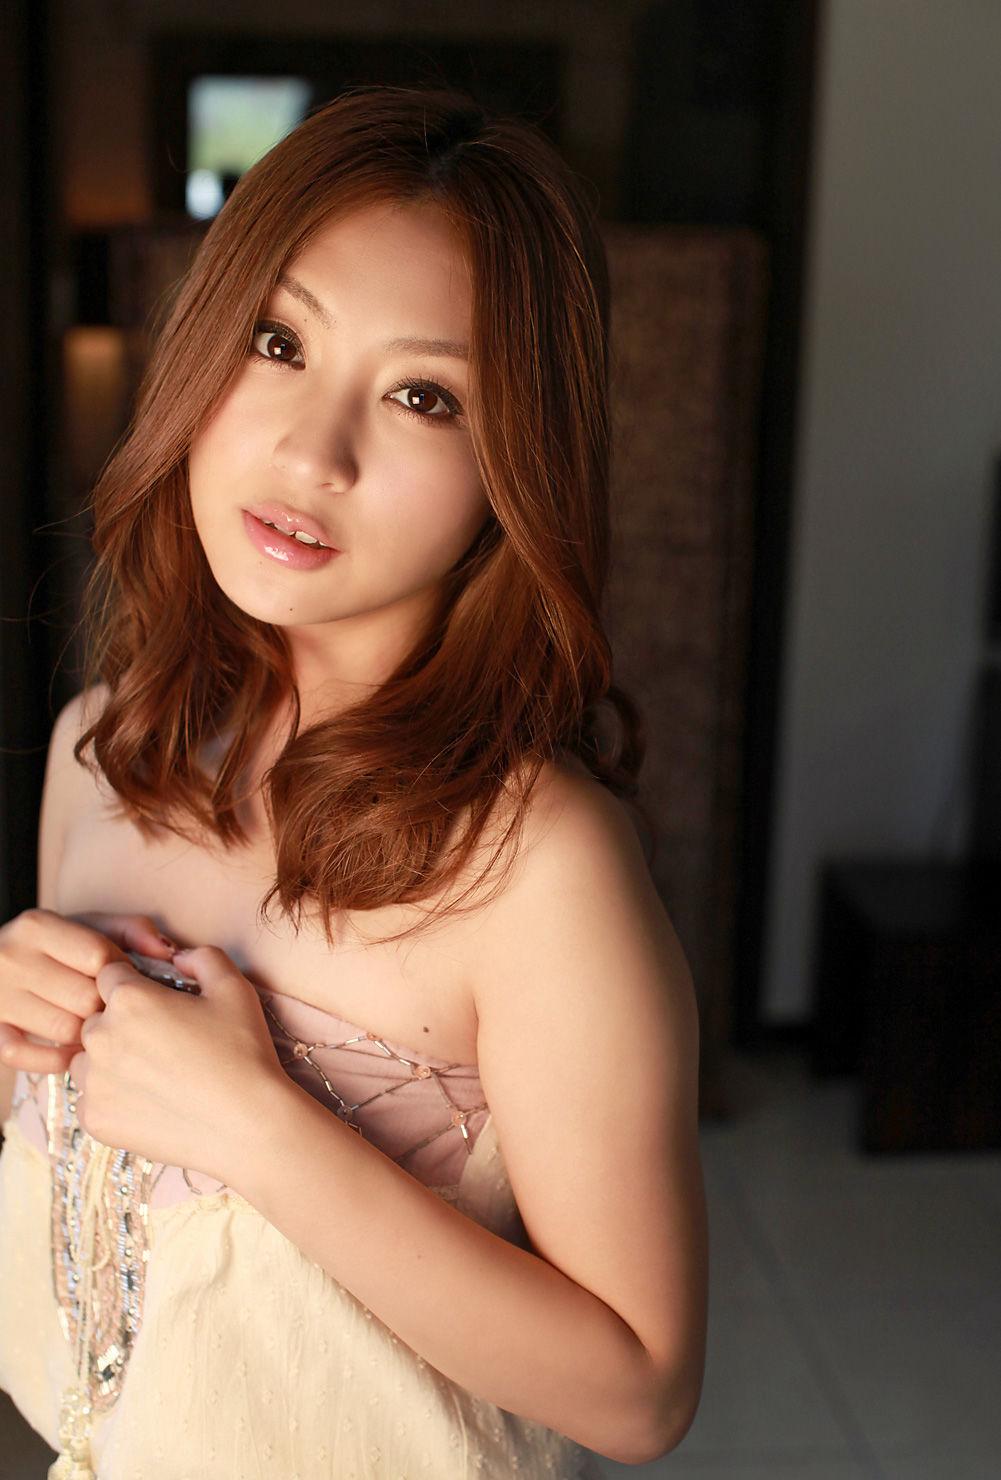 辰巳奈都子 画像 2